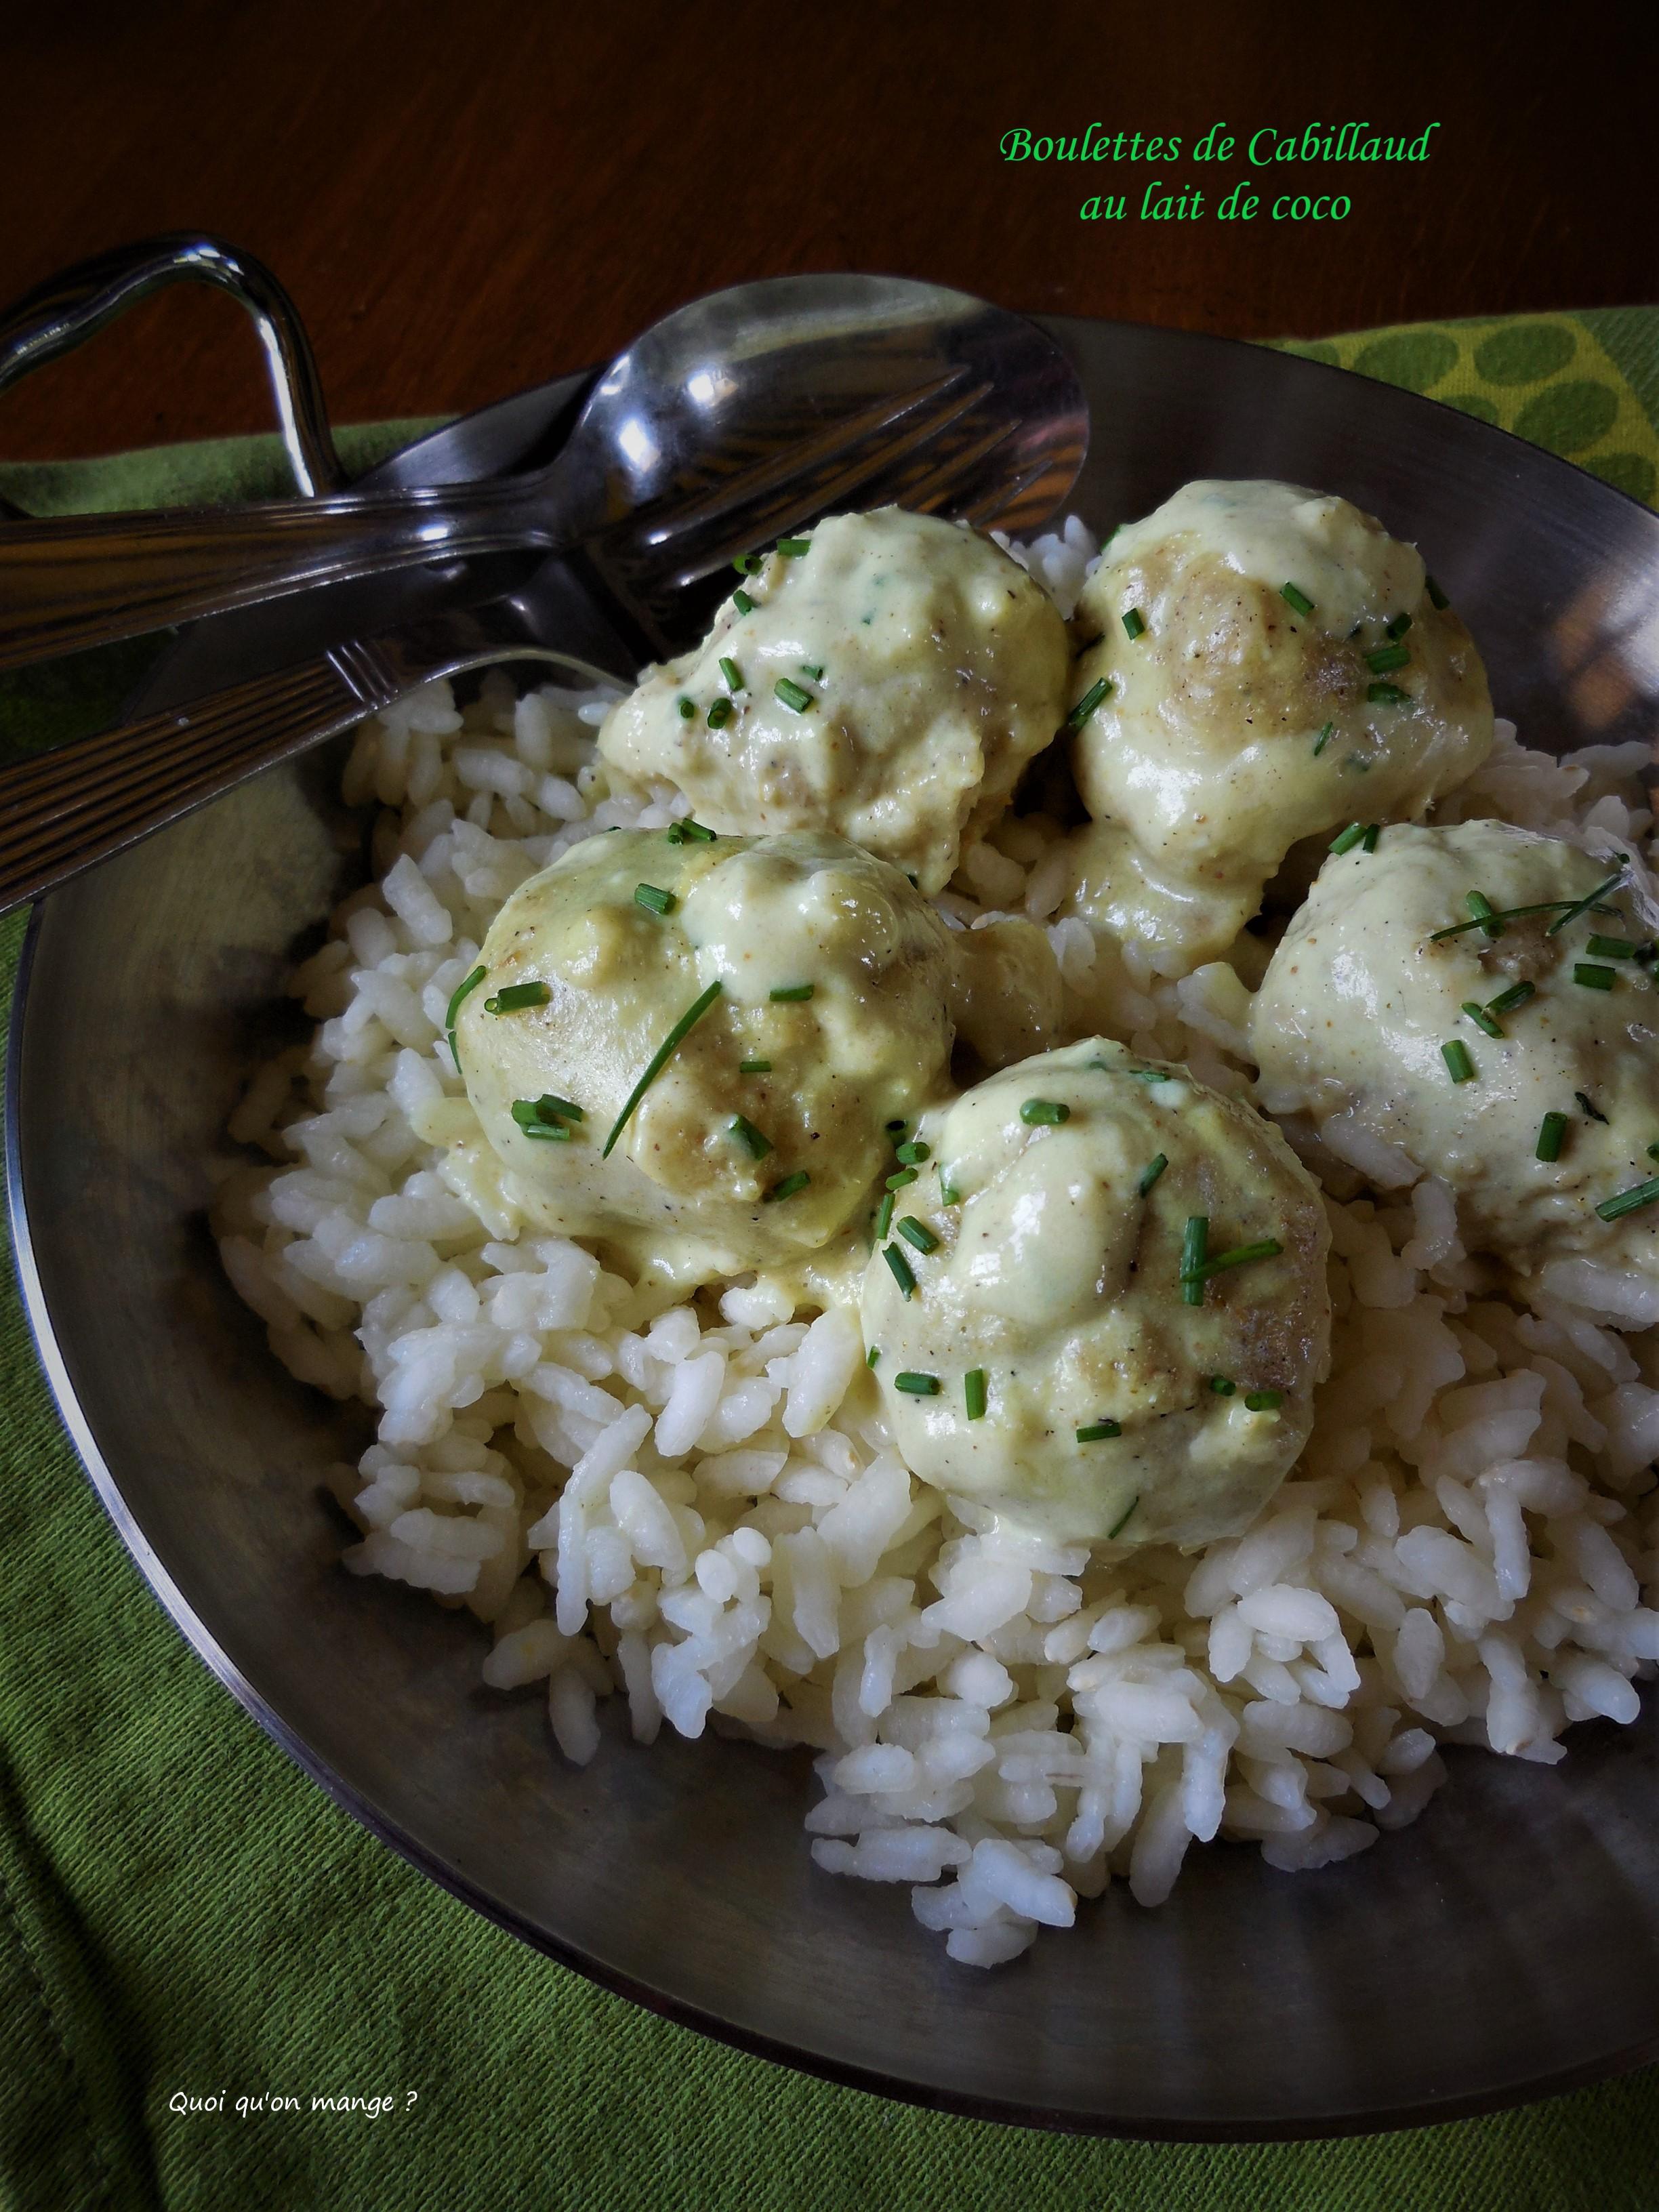 Boulettes de cabillaud au lait de coco